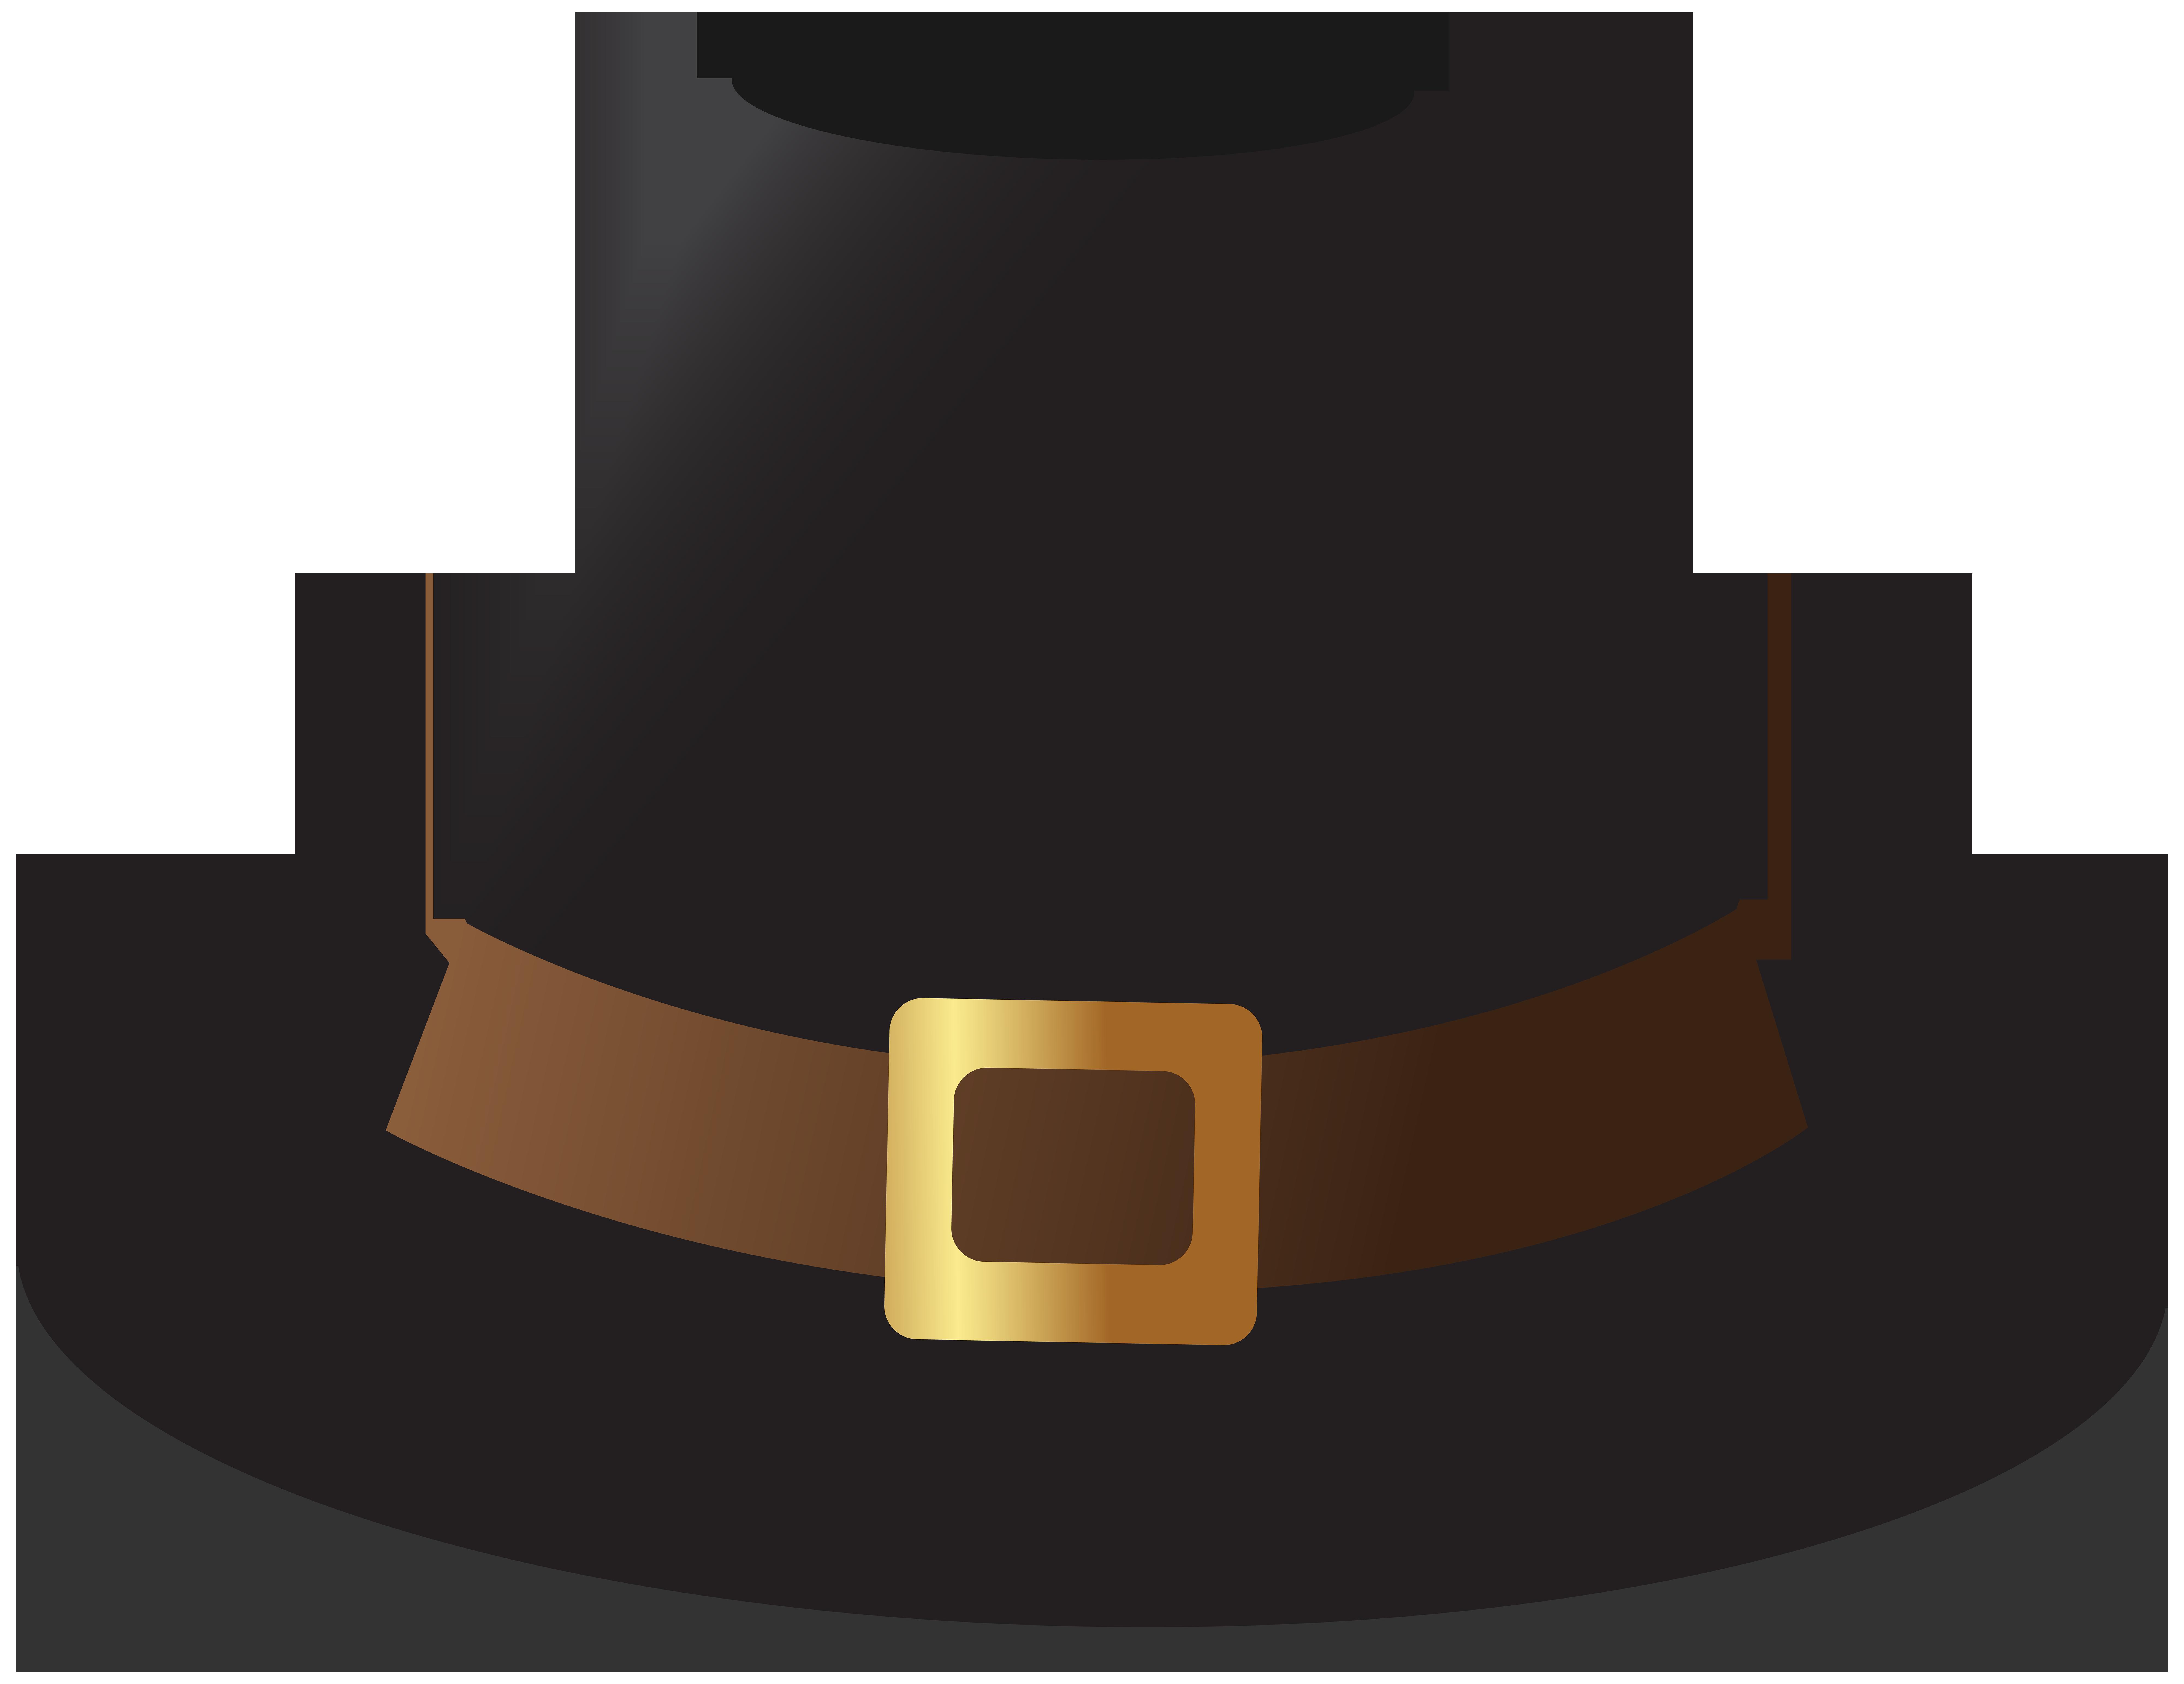 Black transparent png image. Pilgrim clipart pilgrim hat